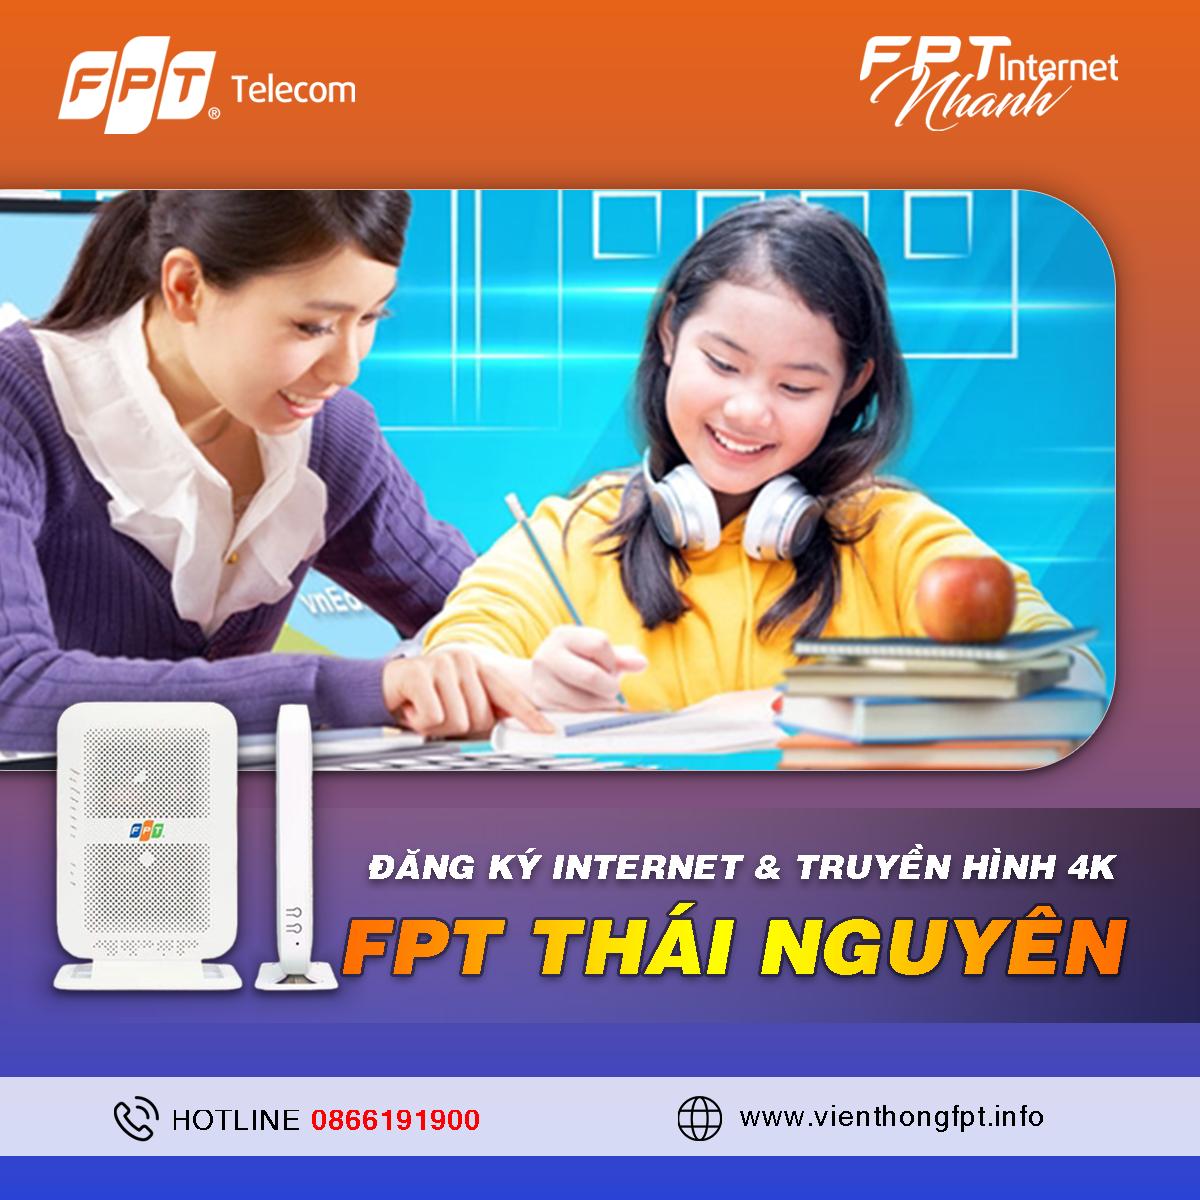 Tổng đài Đăng ký Internet FPT tại Thái Nguyên